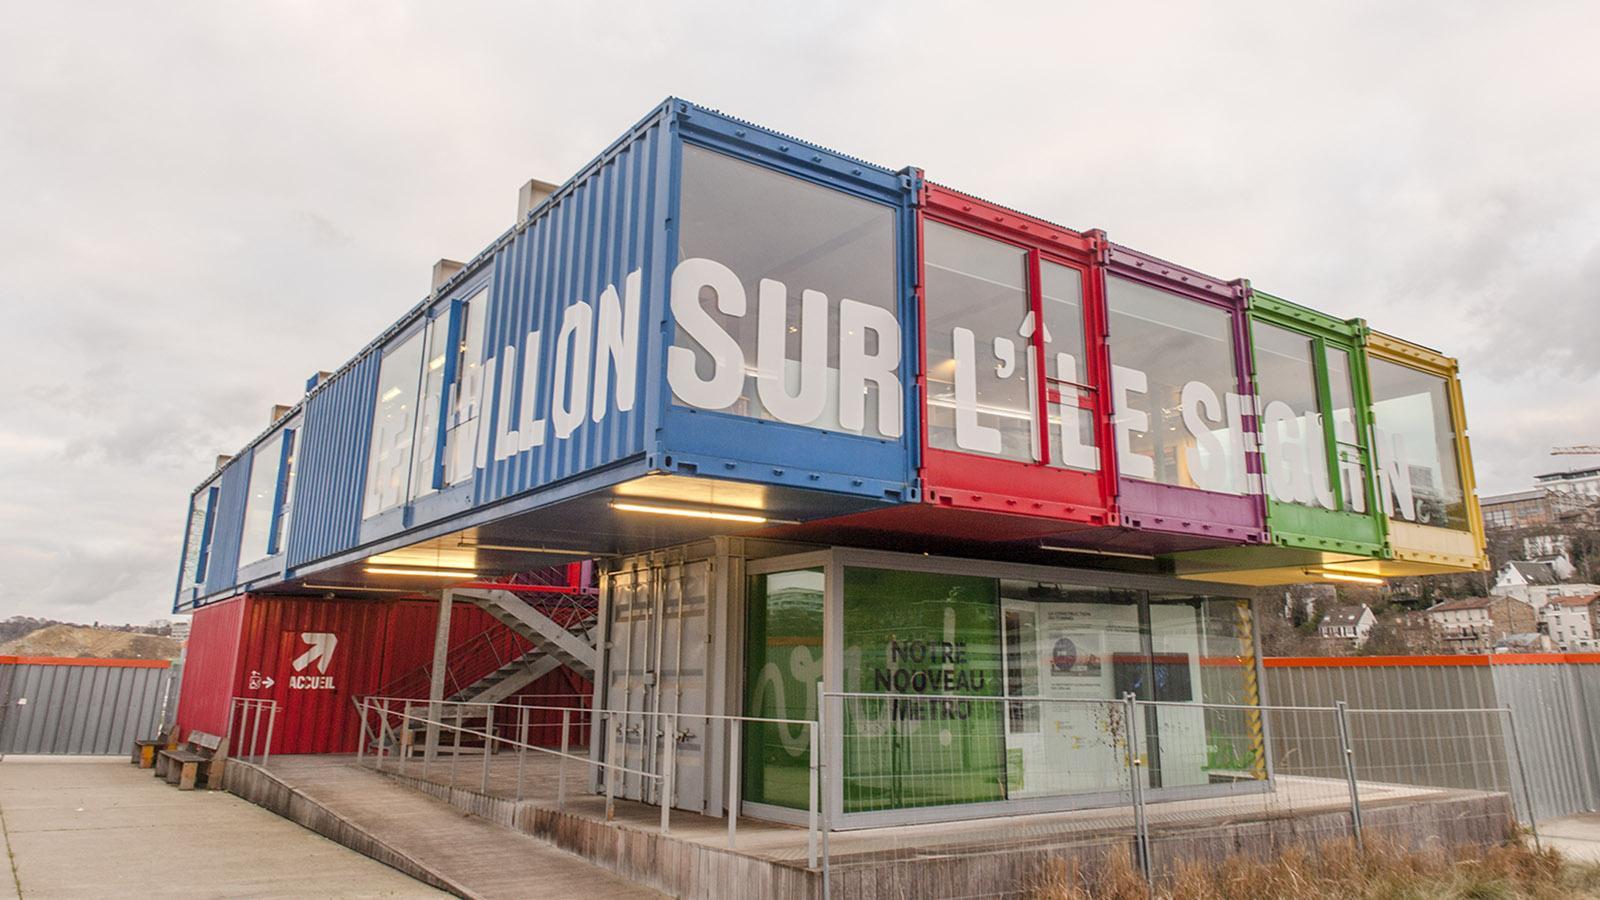 Der Info-Pavillon auf der ÎÎle Seguin. Foto: Hilke Maunder